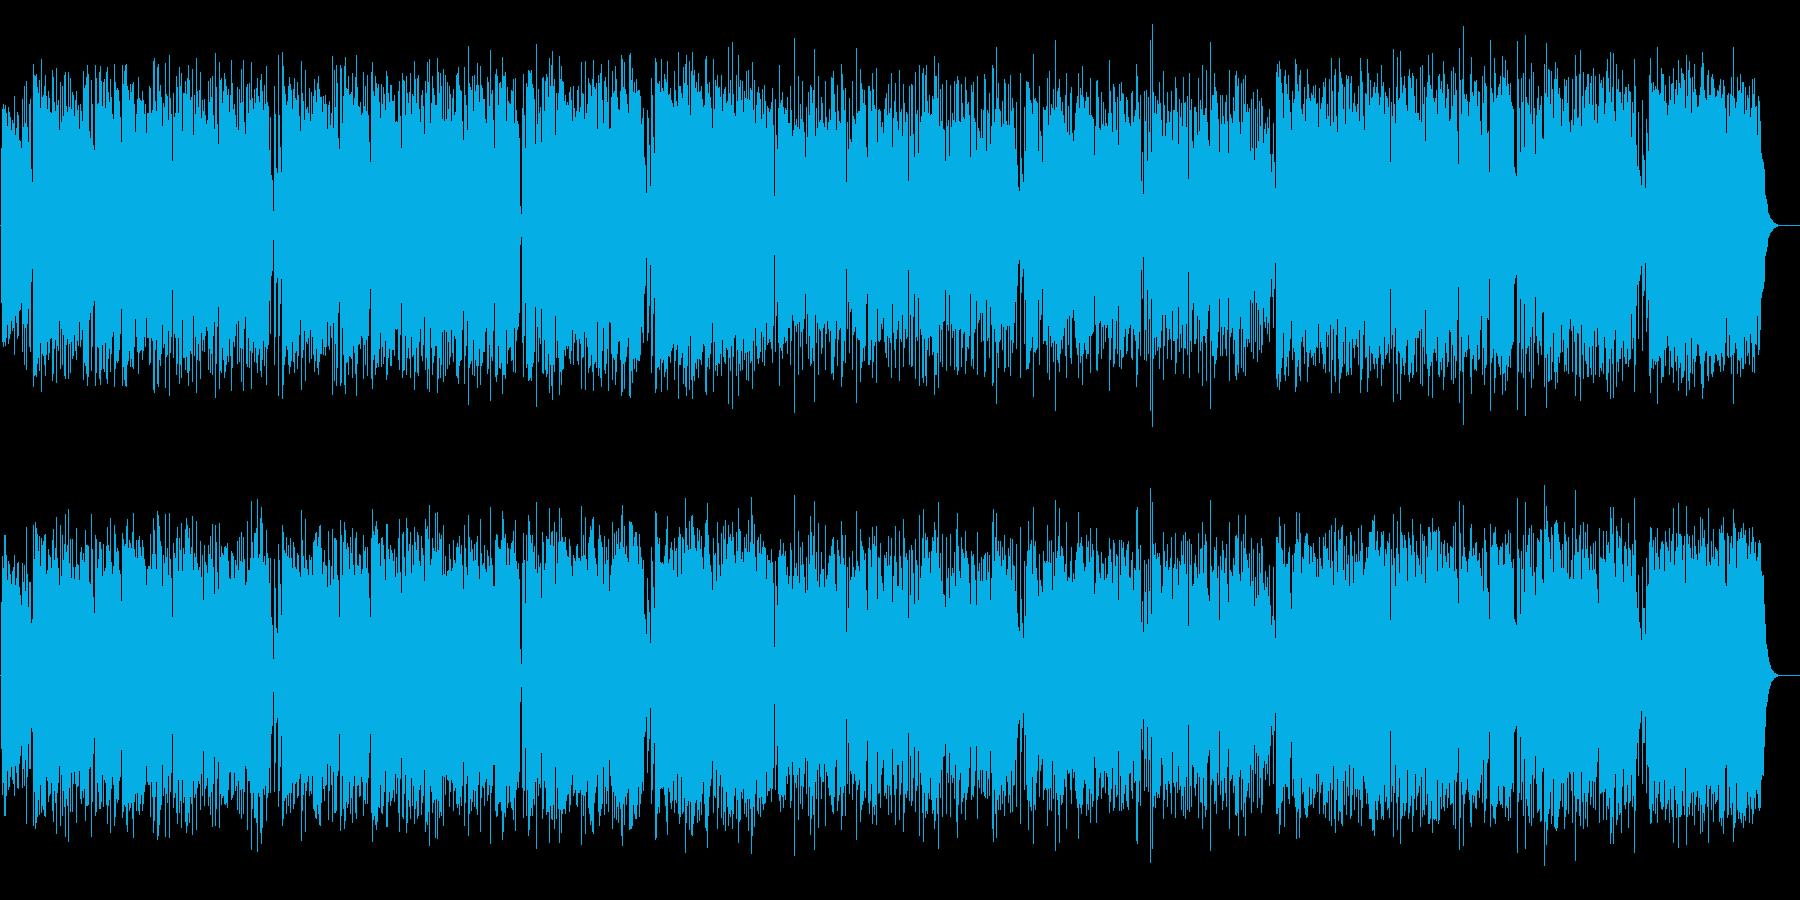 Marchの再生済みの波形